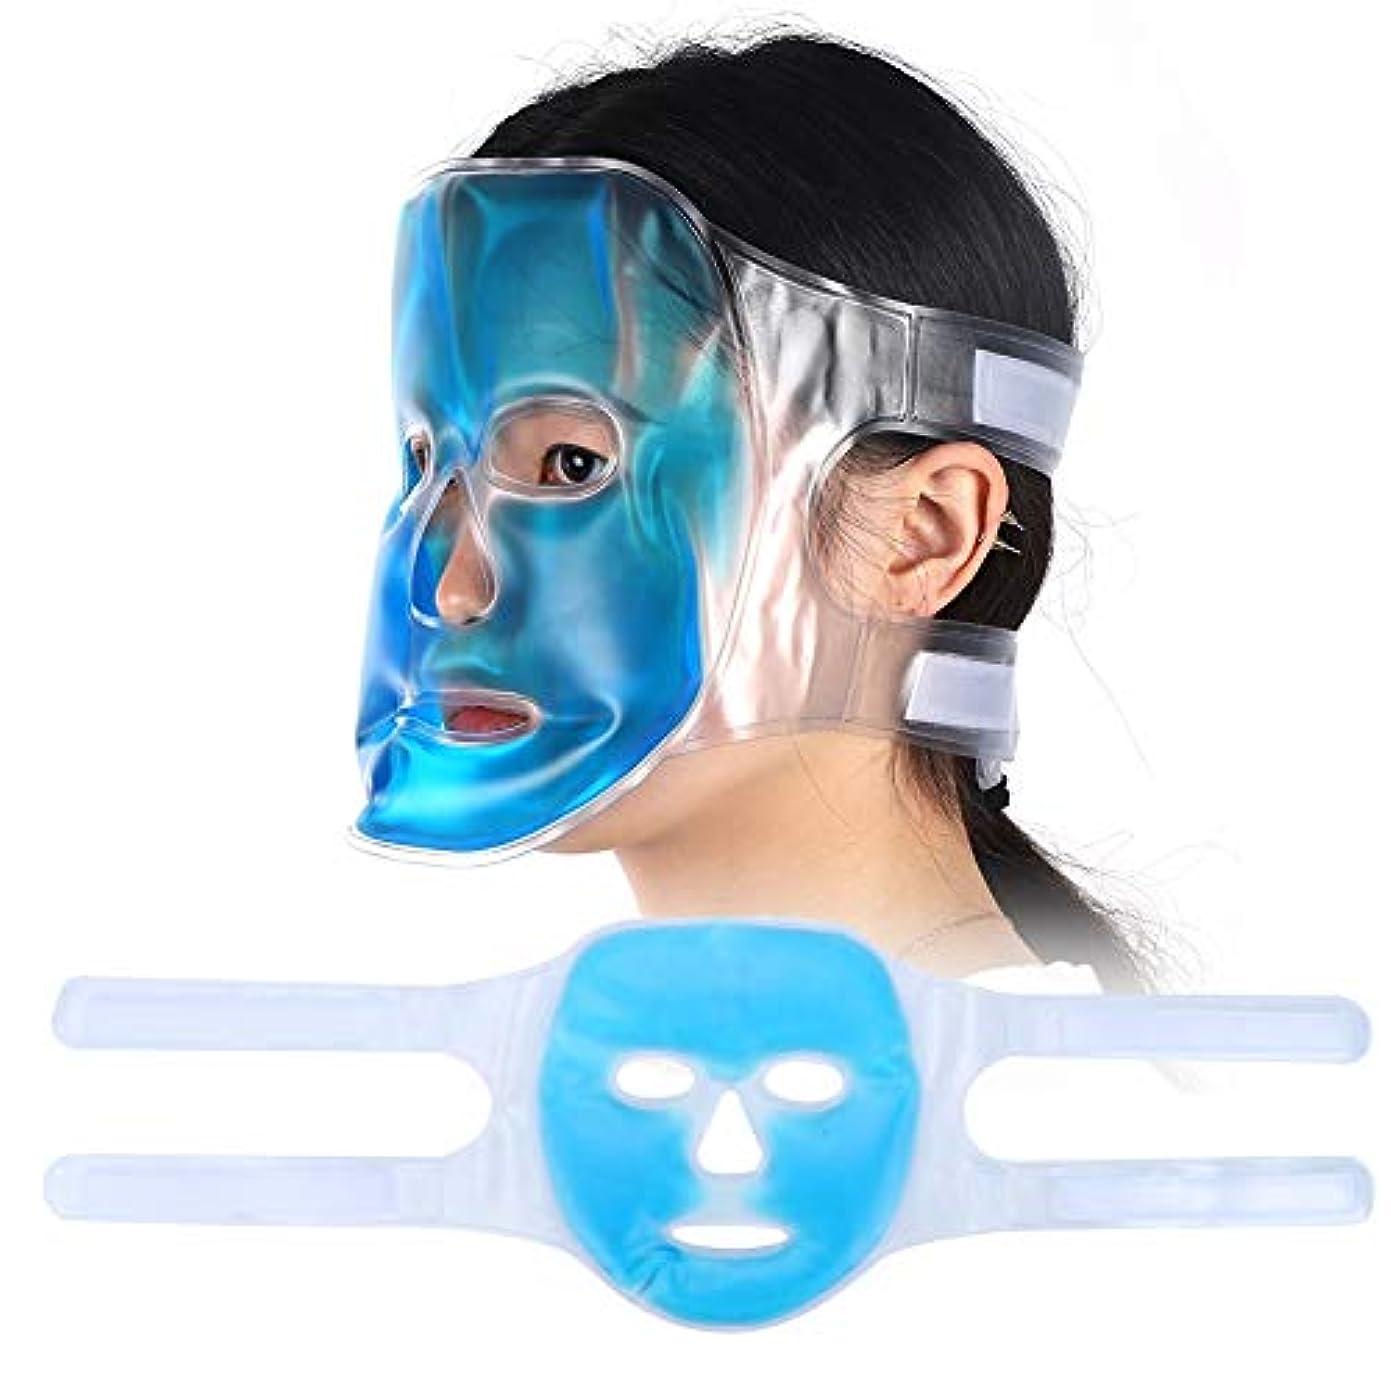 貪欲スカープ愚かな保湿 ジェルブルーフェイスマスク 疲労緩和 リラクゼーションフル フェイスクーリングマスク